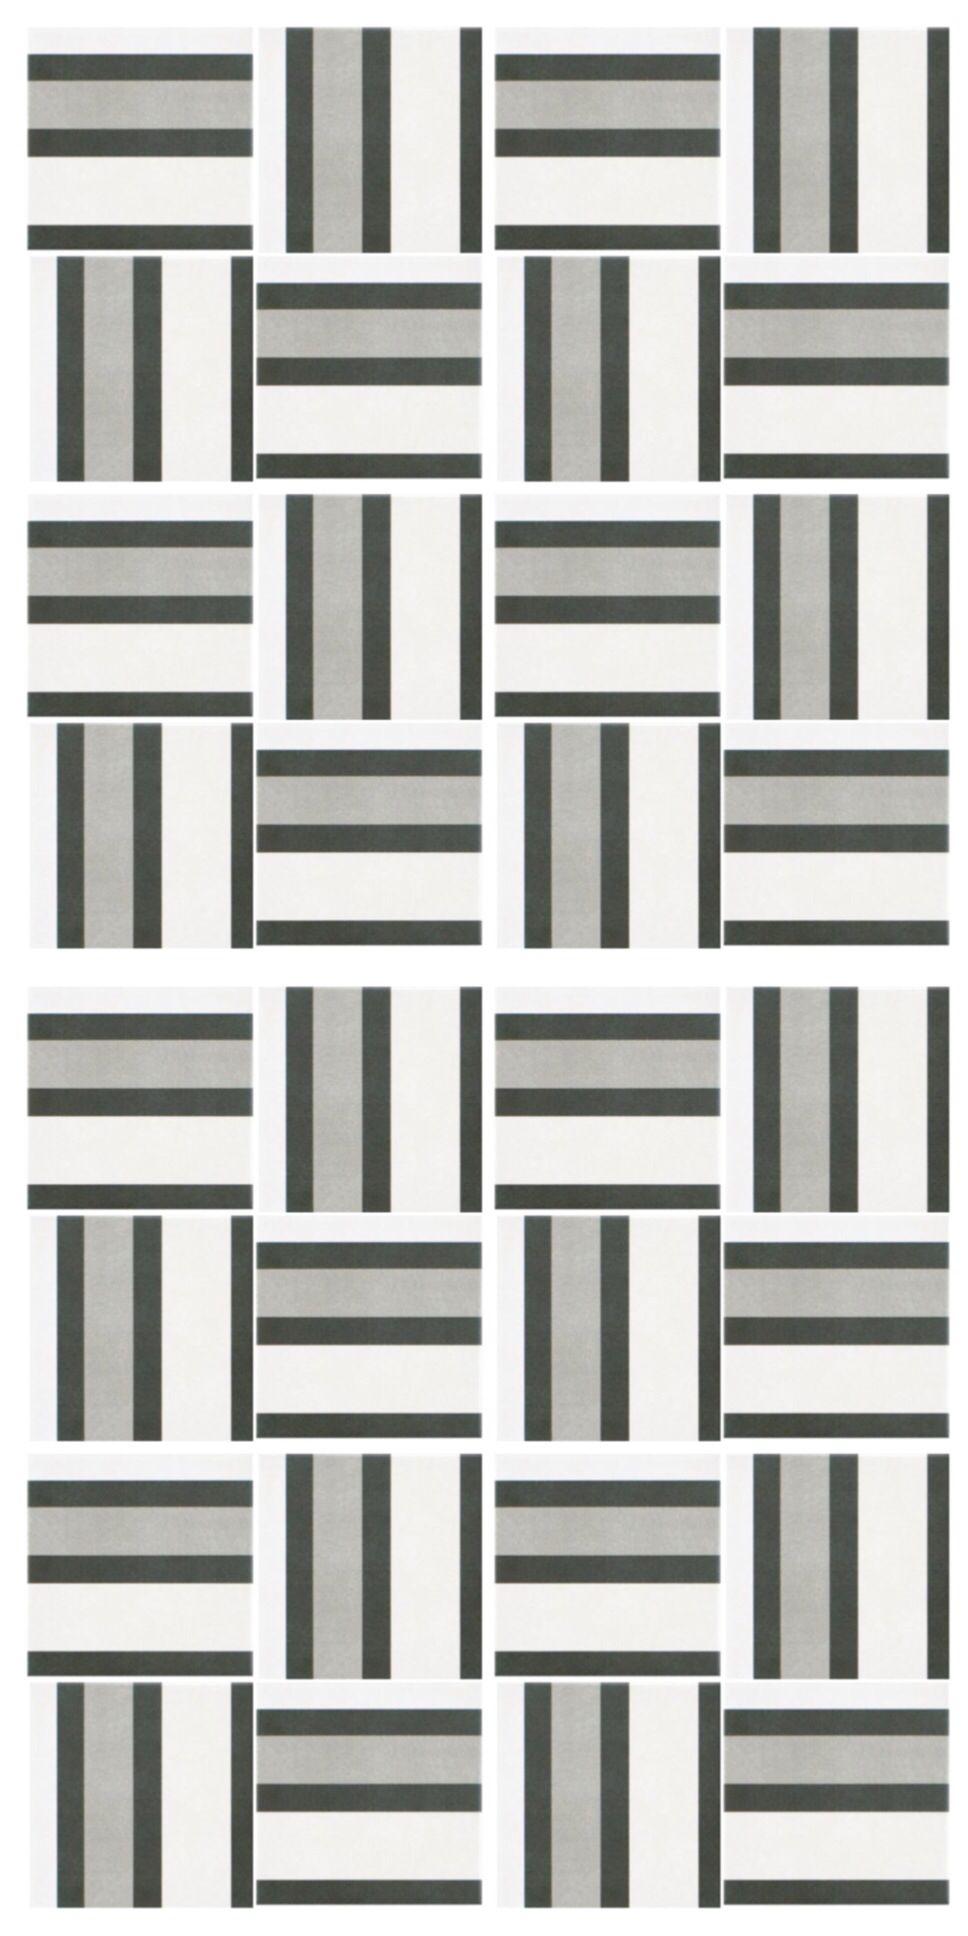 Home Depot merola tile twenties frame http://m.homedepot.com/p ...